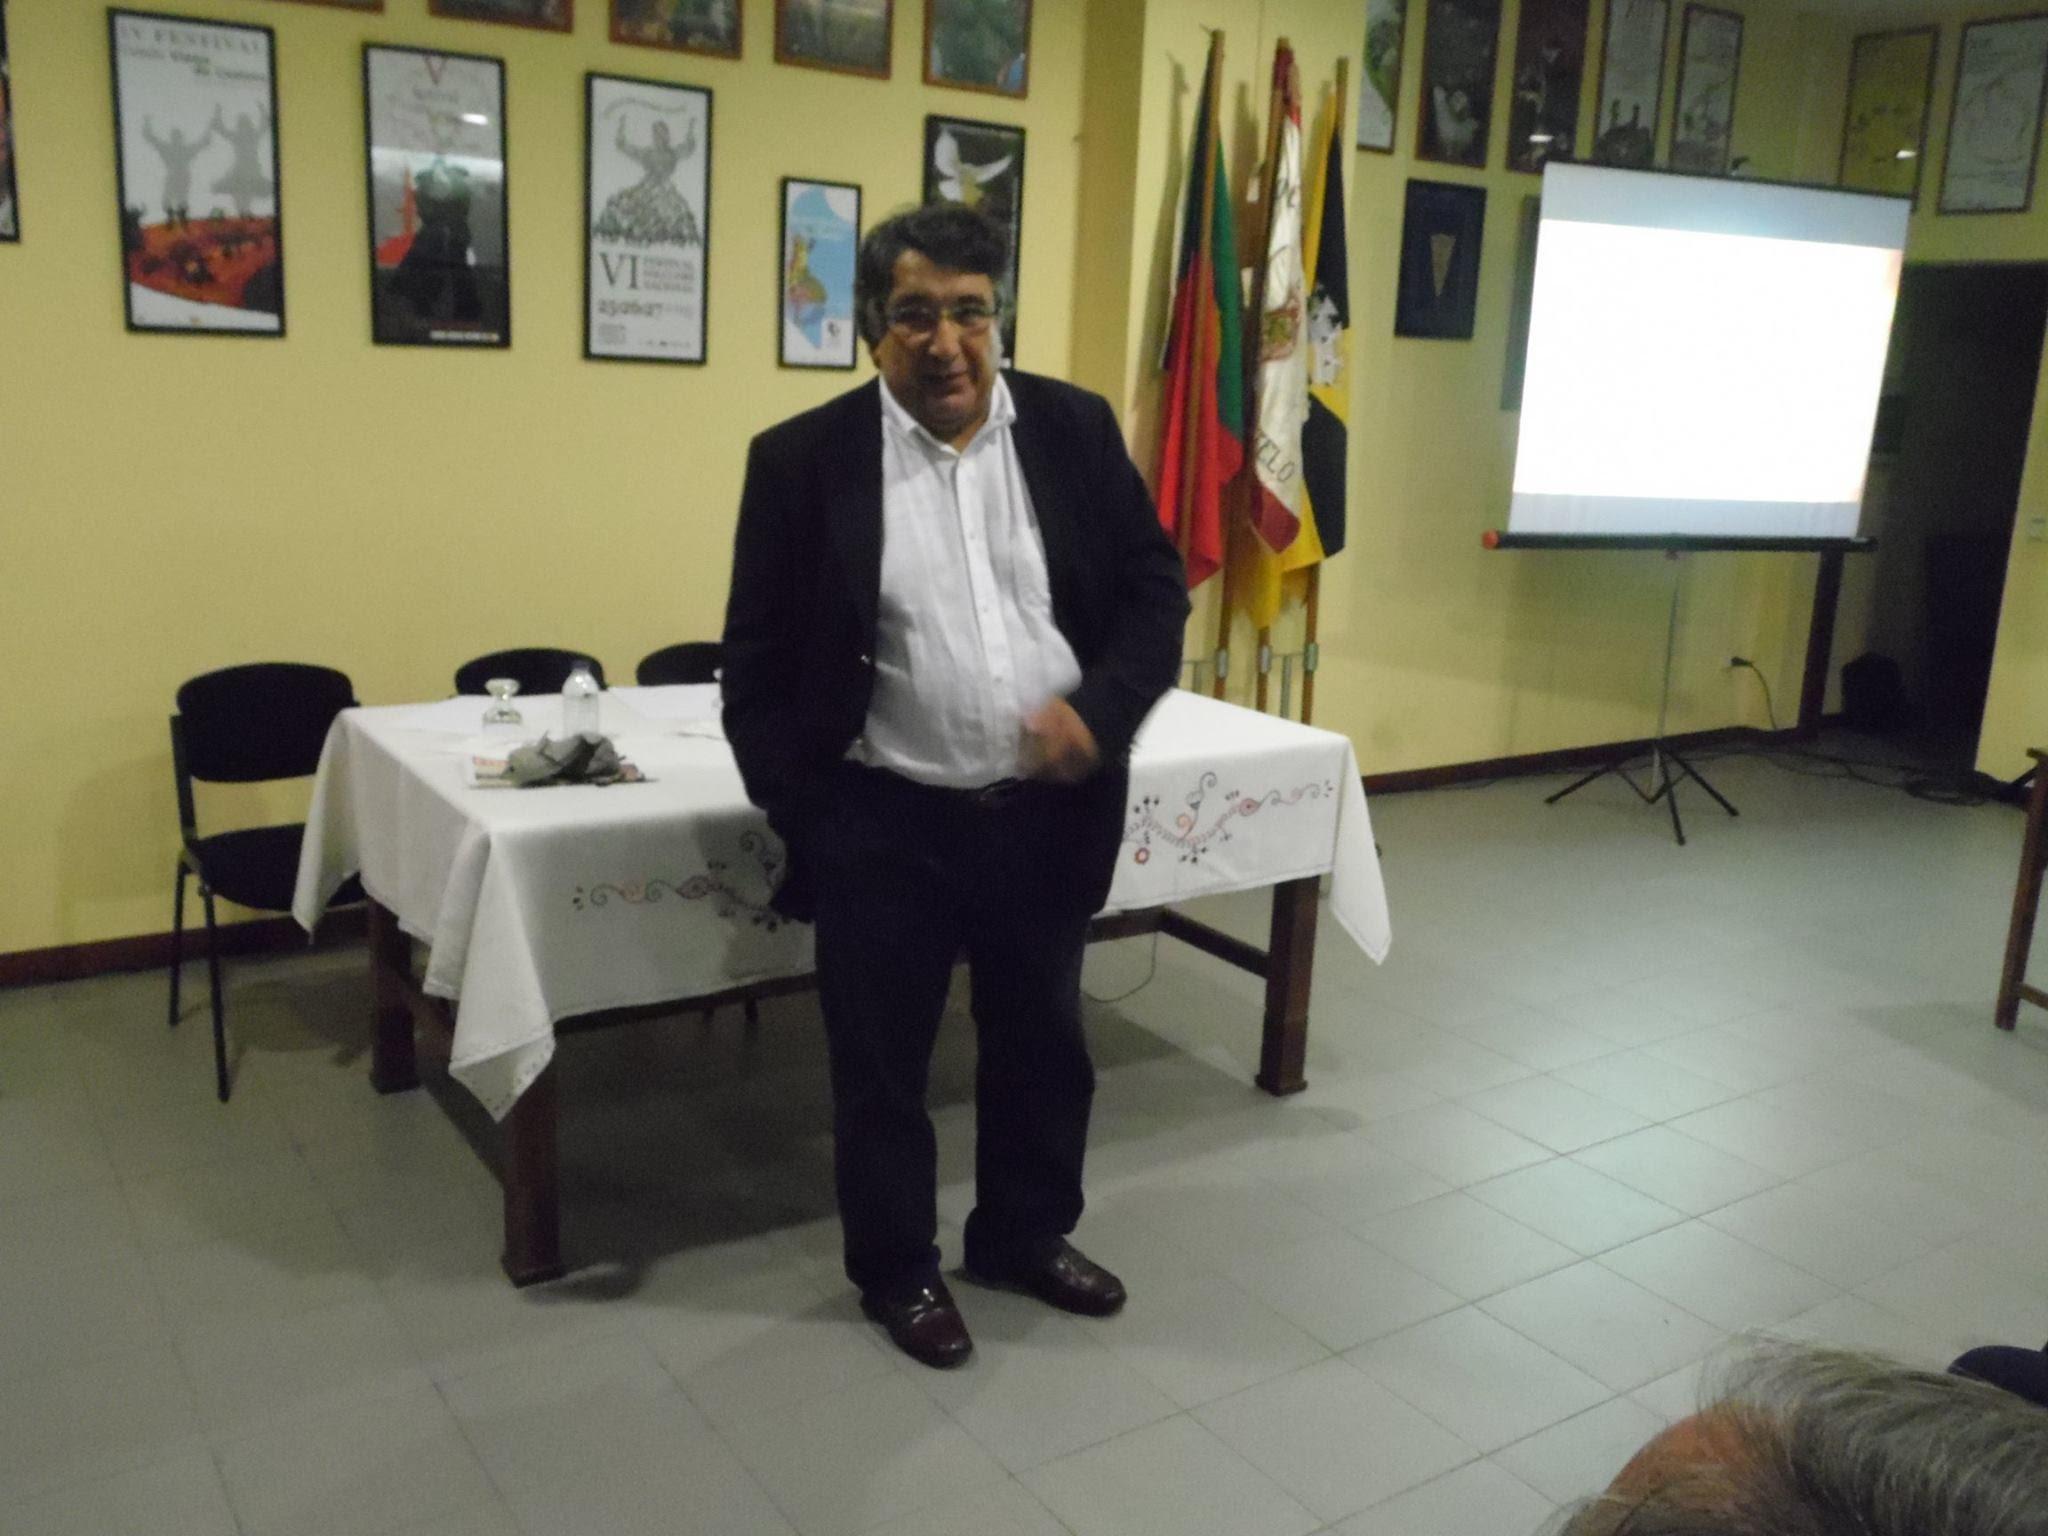 https://sites.google.com/a/centroculturaldoaltominho.org/ccam/actividades-realizadas/2016/realizacoes-actividades/_draft_post-1/Imagem_14.jpg